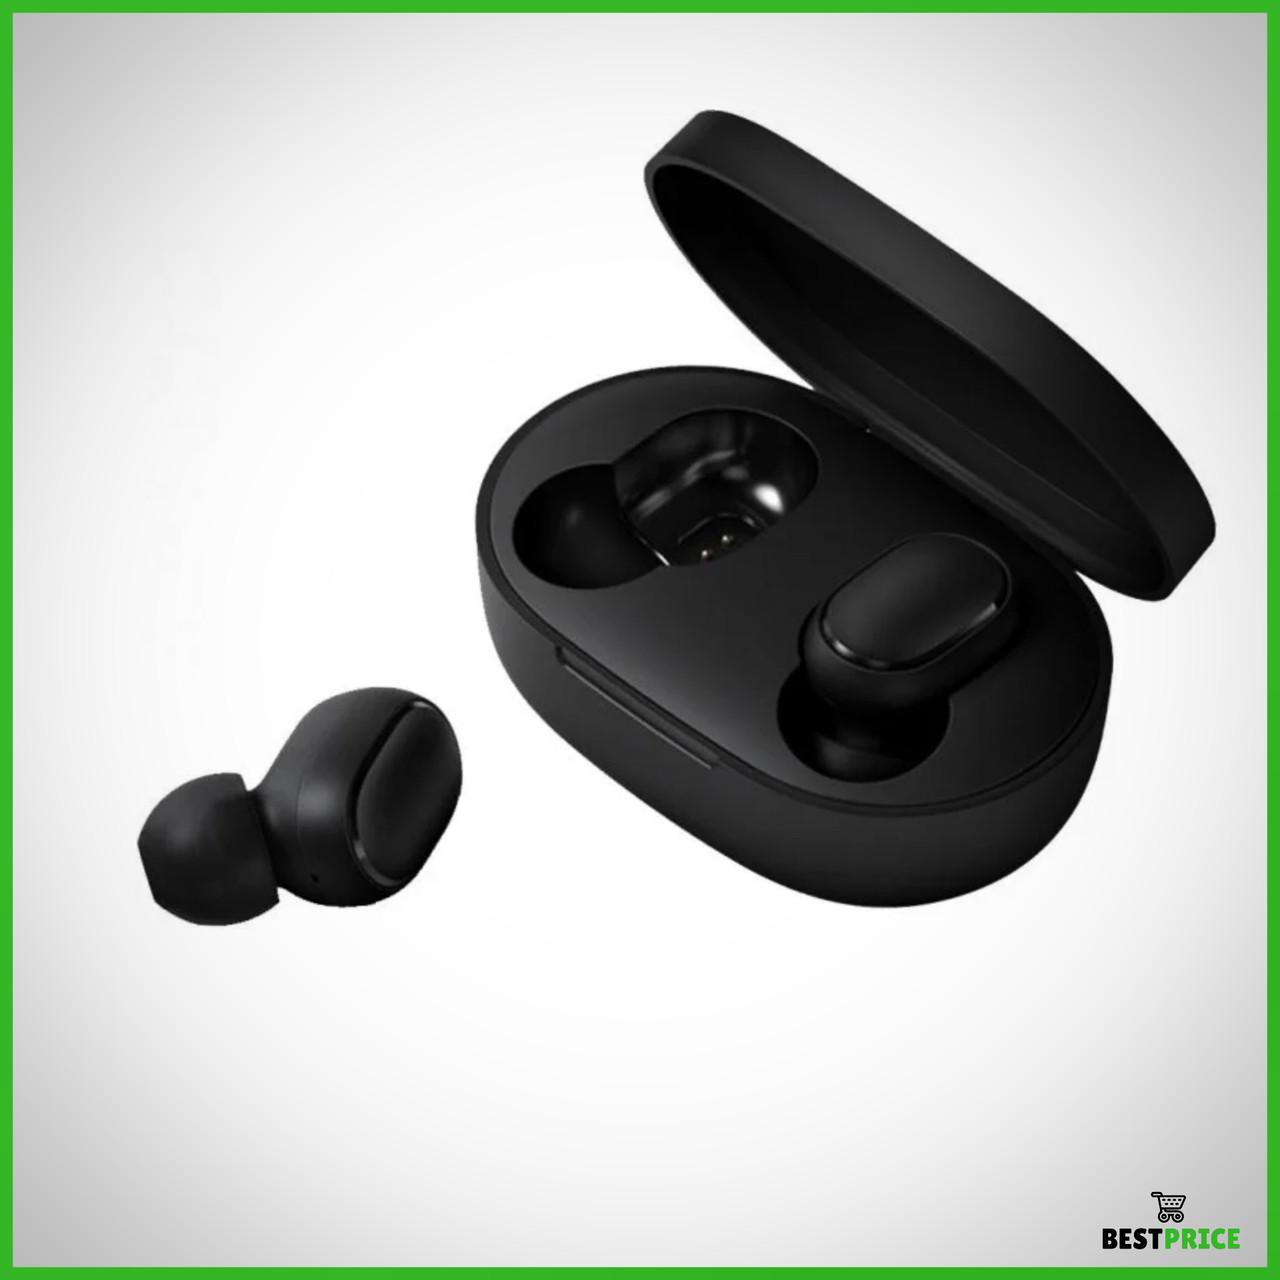 Наушники Xiaomi AirDots Redmi Mi Bluetooth-гарнитура с боксом для зарядки Black (Люкс реплика)